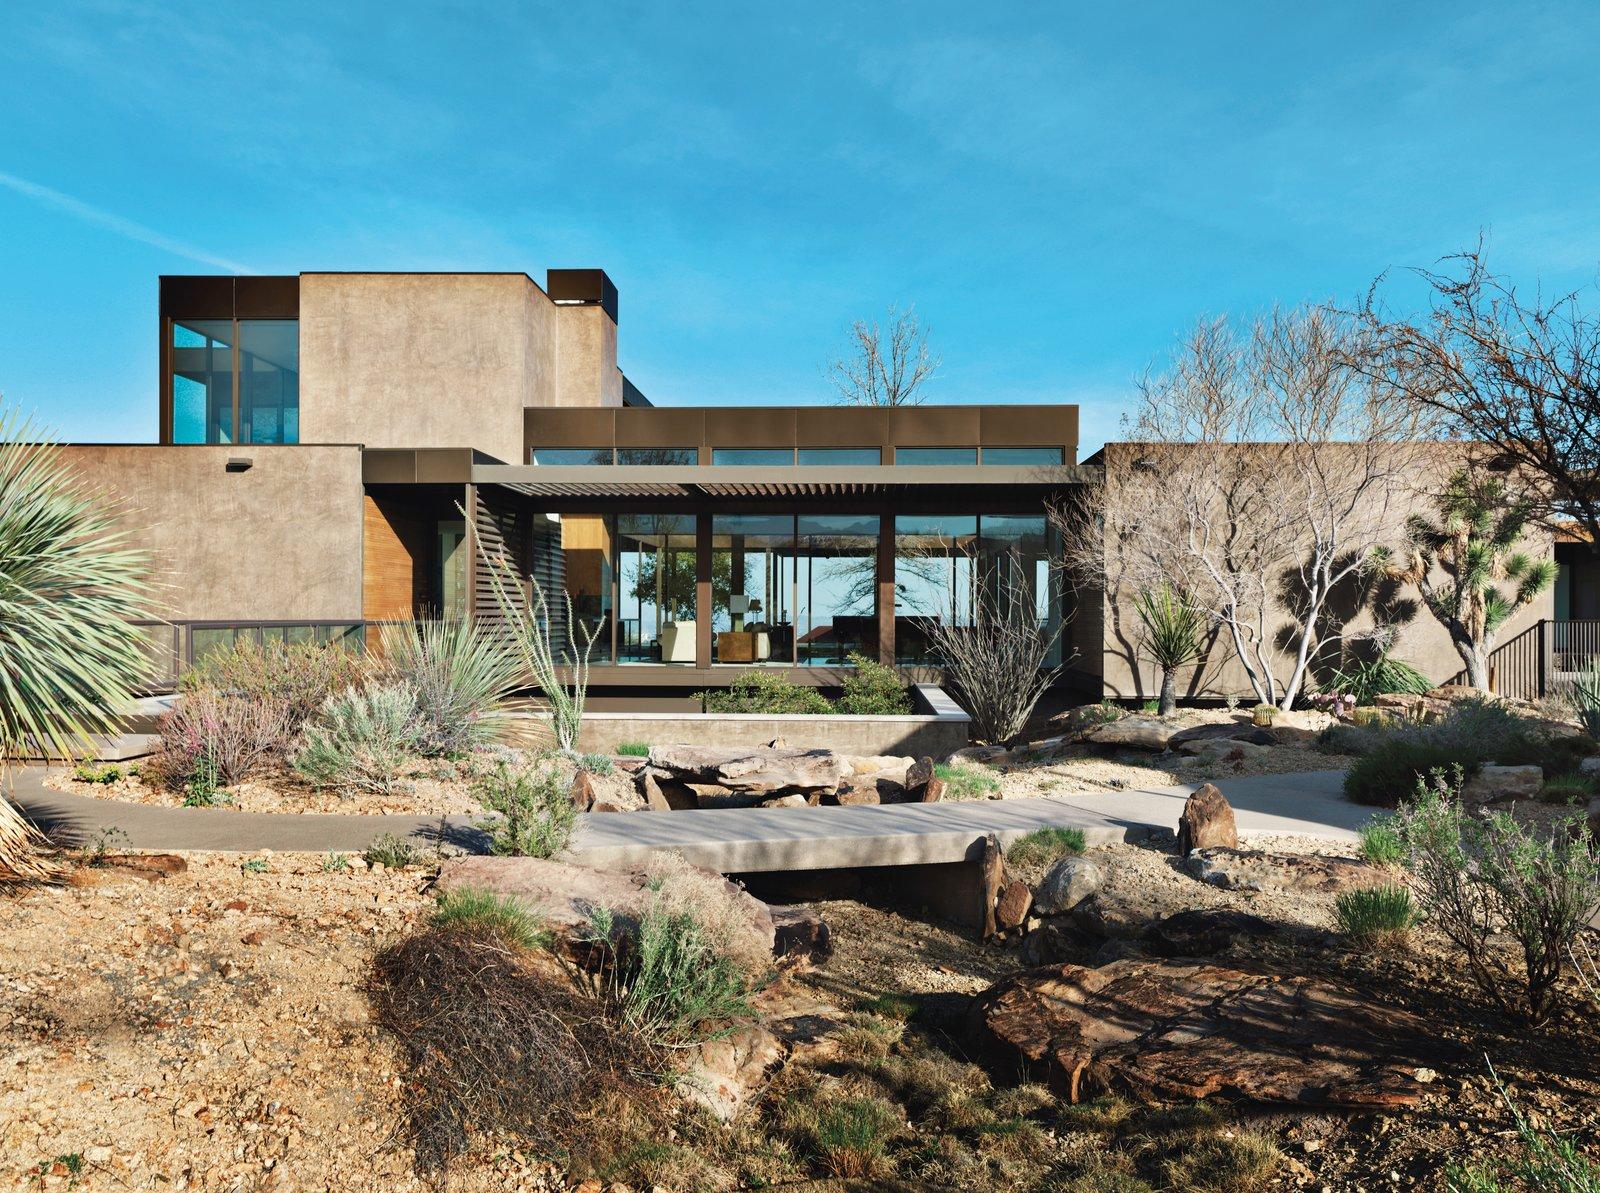 Las Vegas Desert Prefab Home concrete exterior with desert plant landscaping and concrete patio bridge walkway